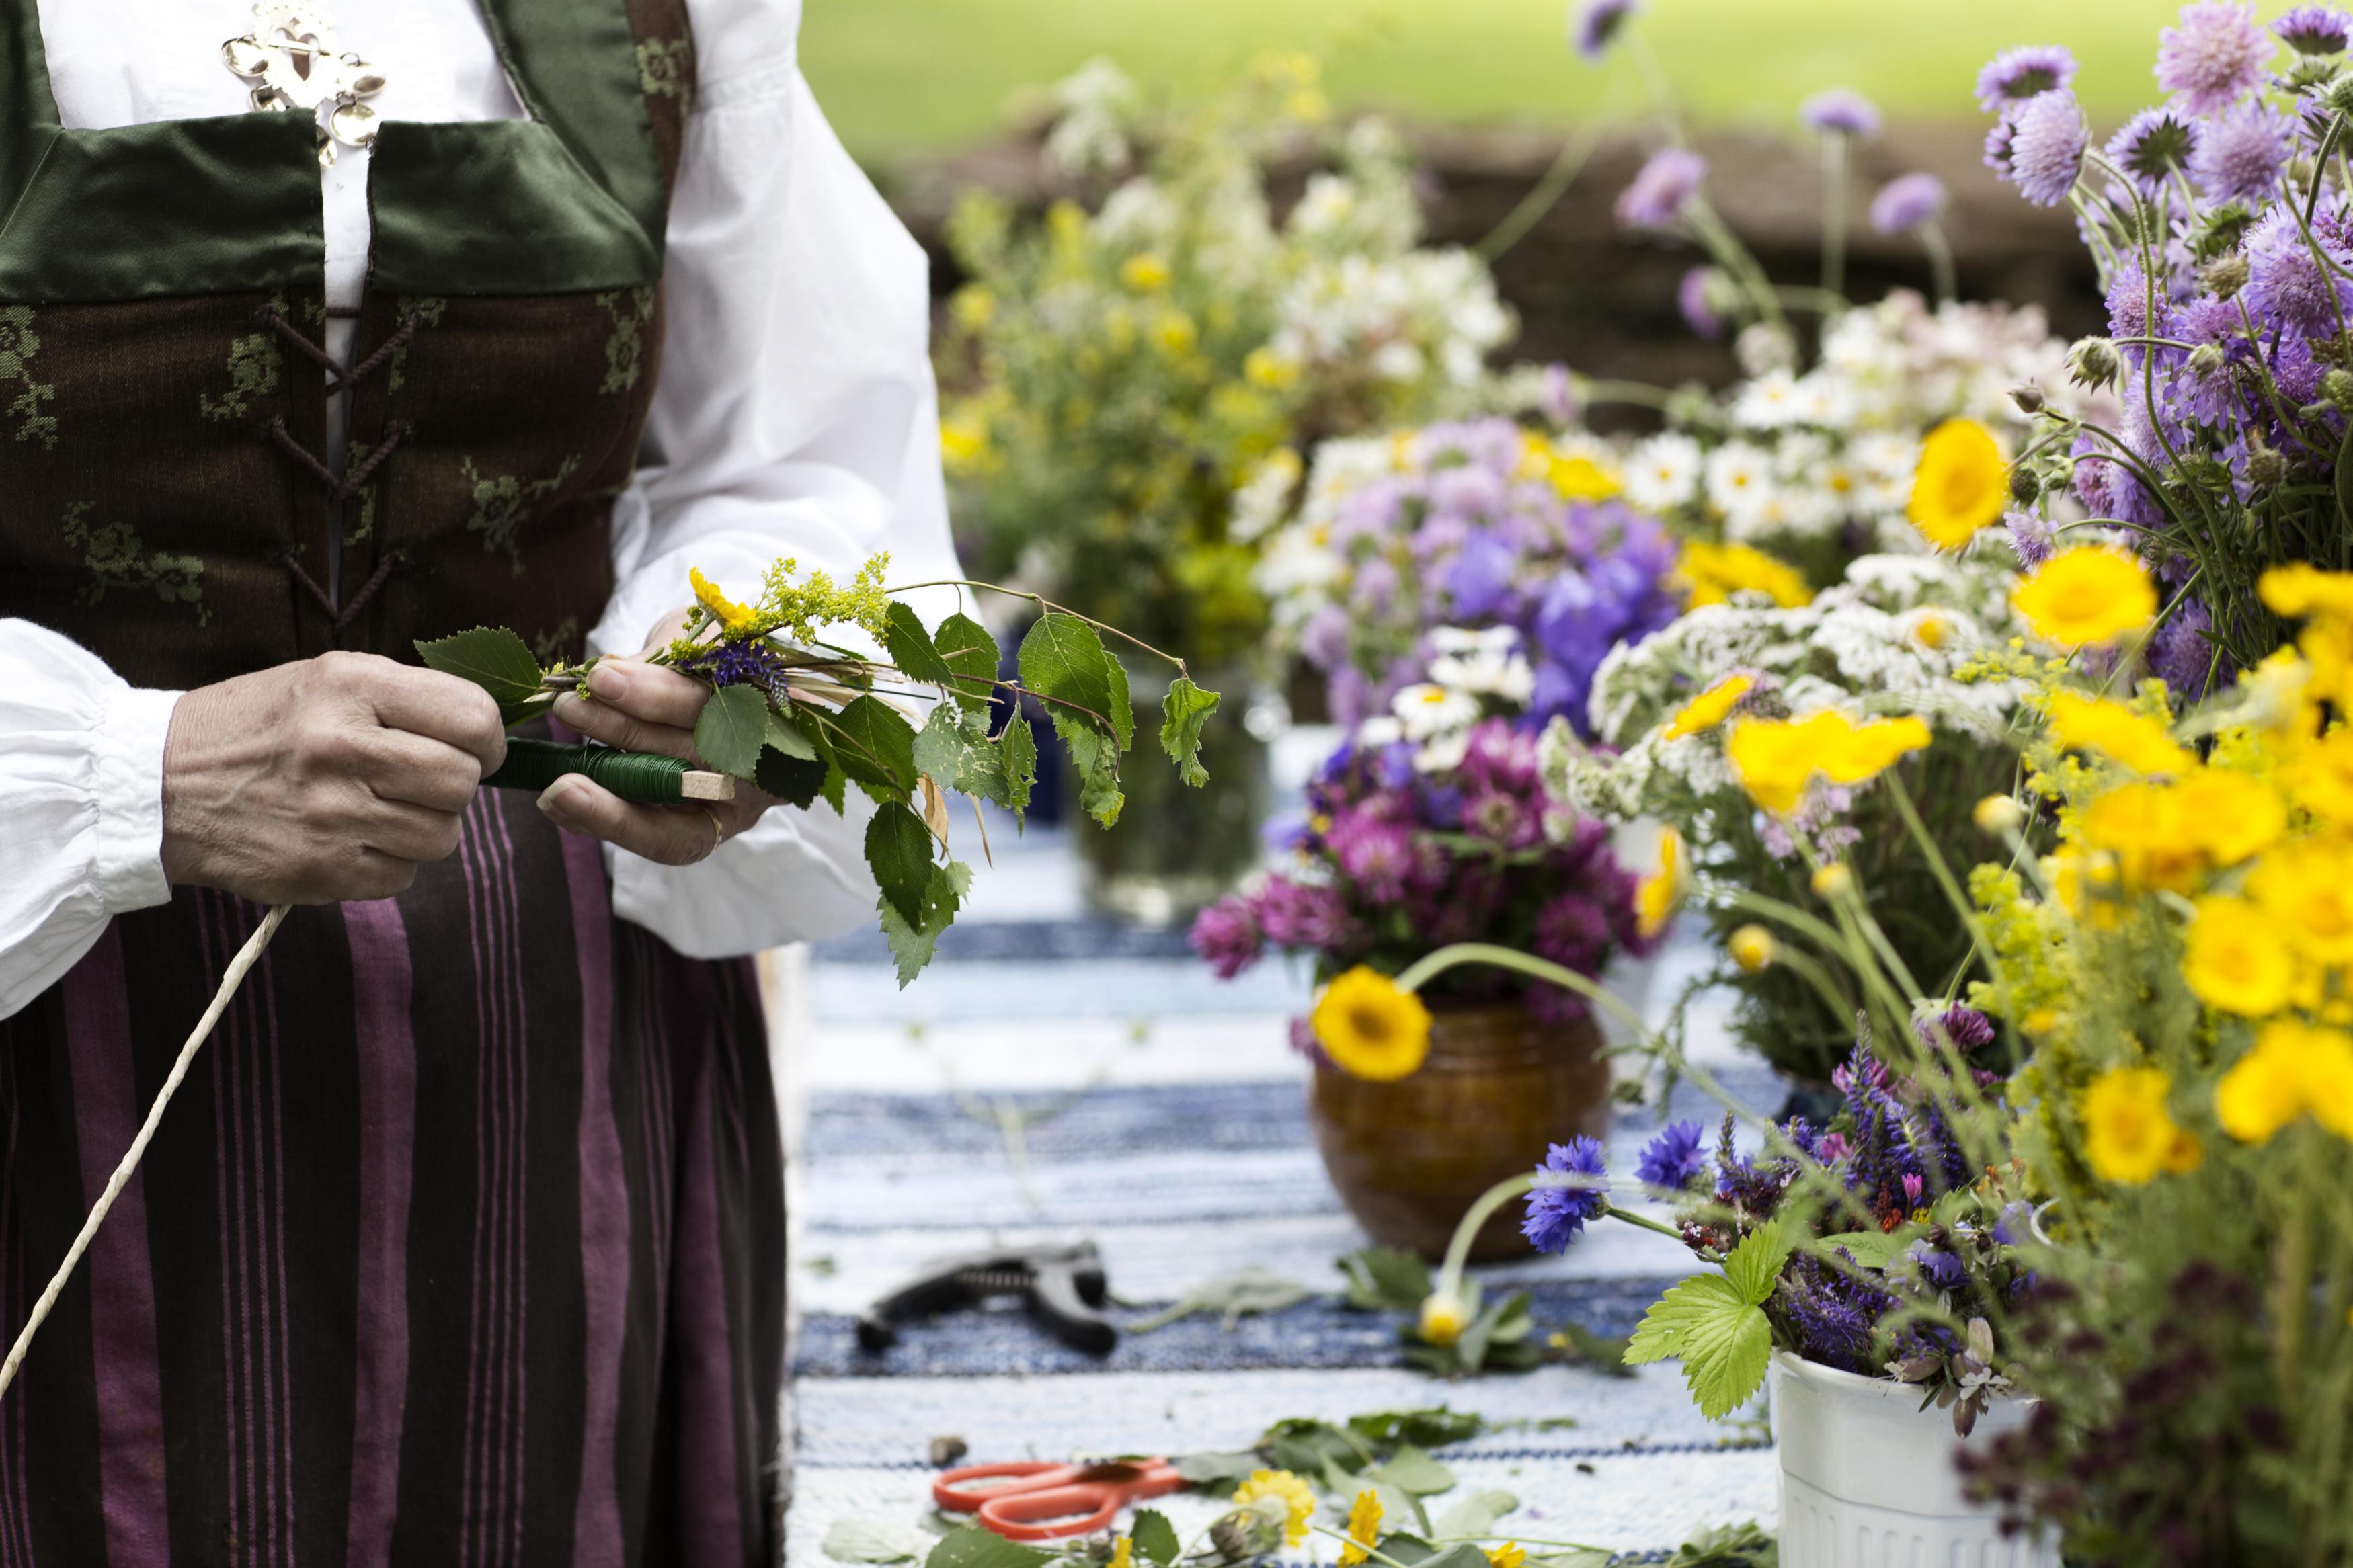 Las flores son las protagonistas de la celebración que da la bienvenida al verano en Suecia.